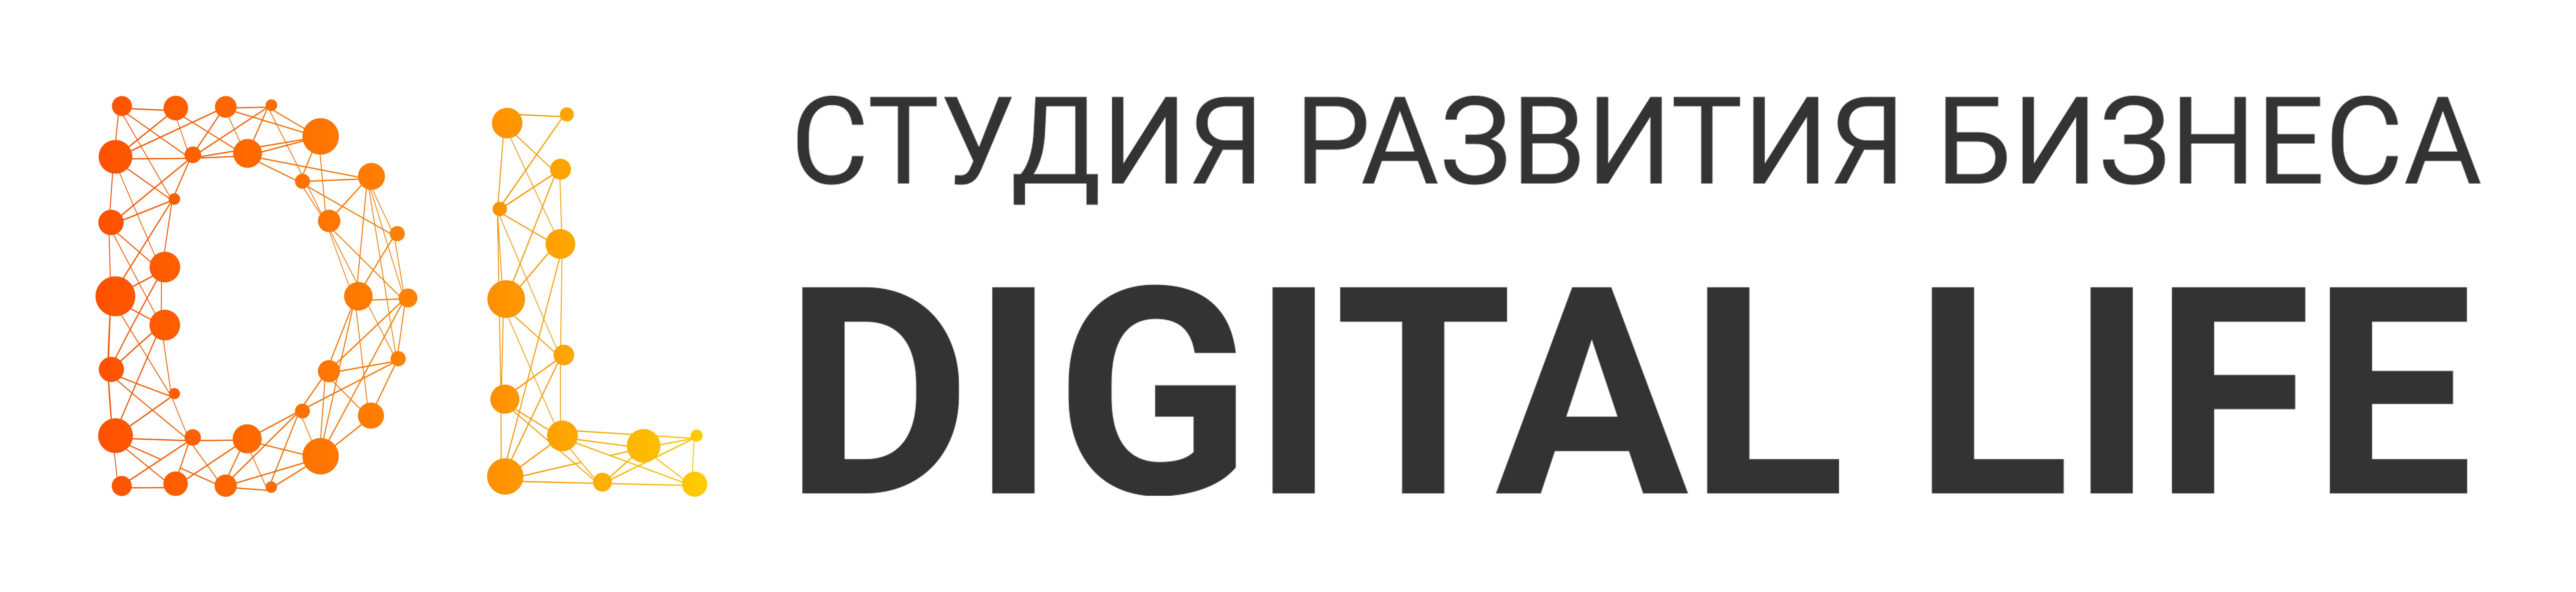 Dlya_pisma_1